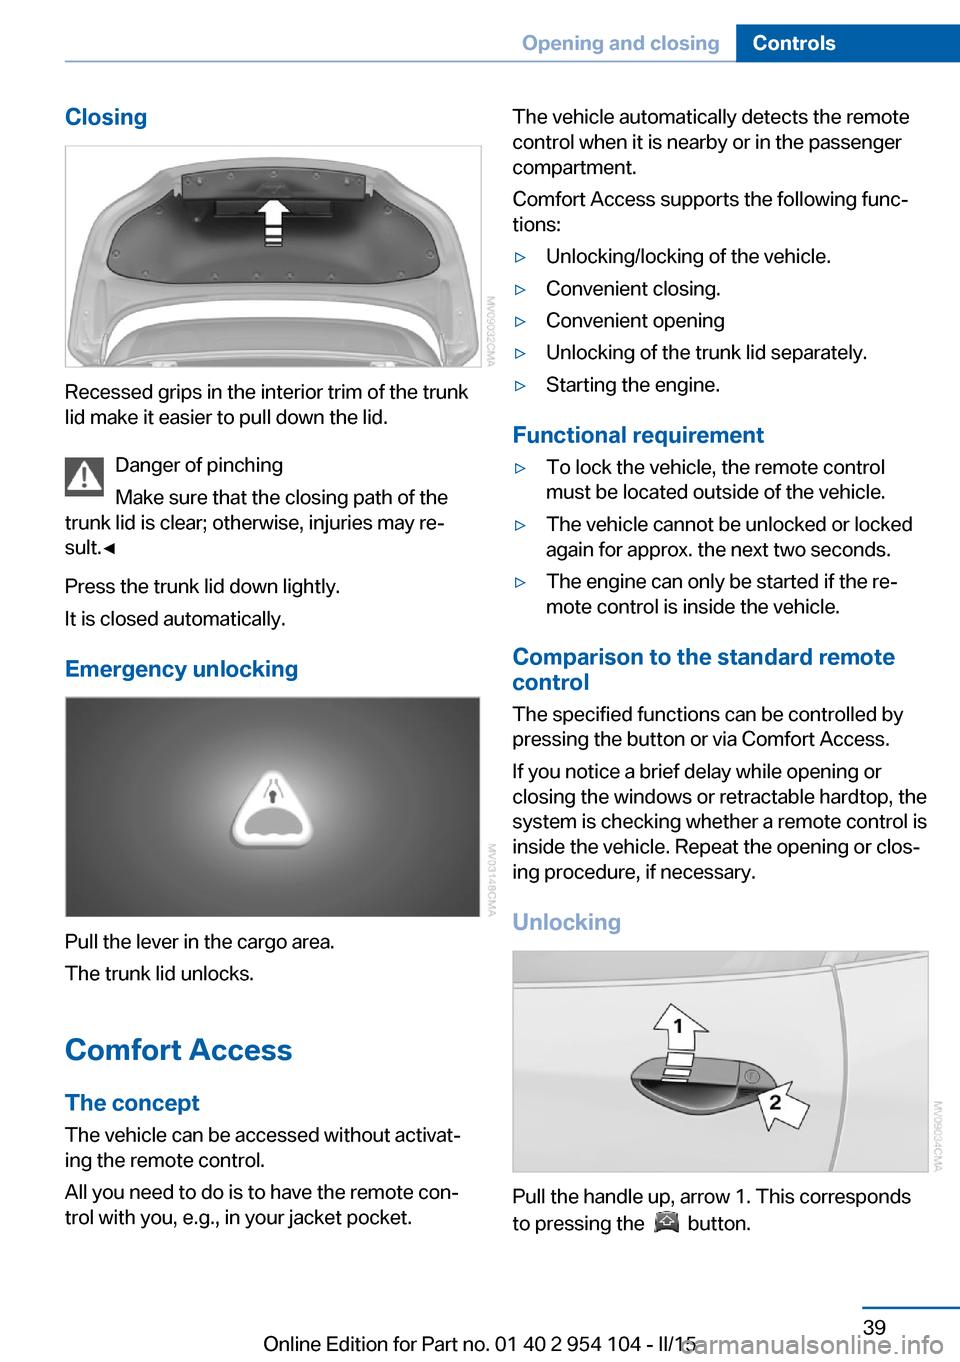 Bmw Z4 2015 E89 Service Manual